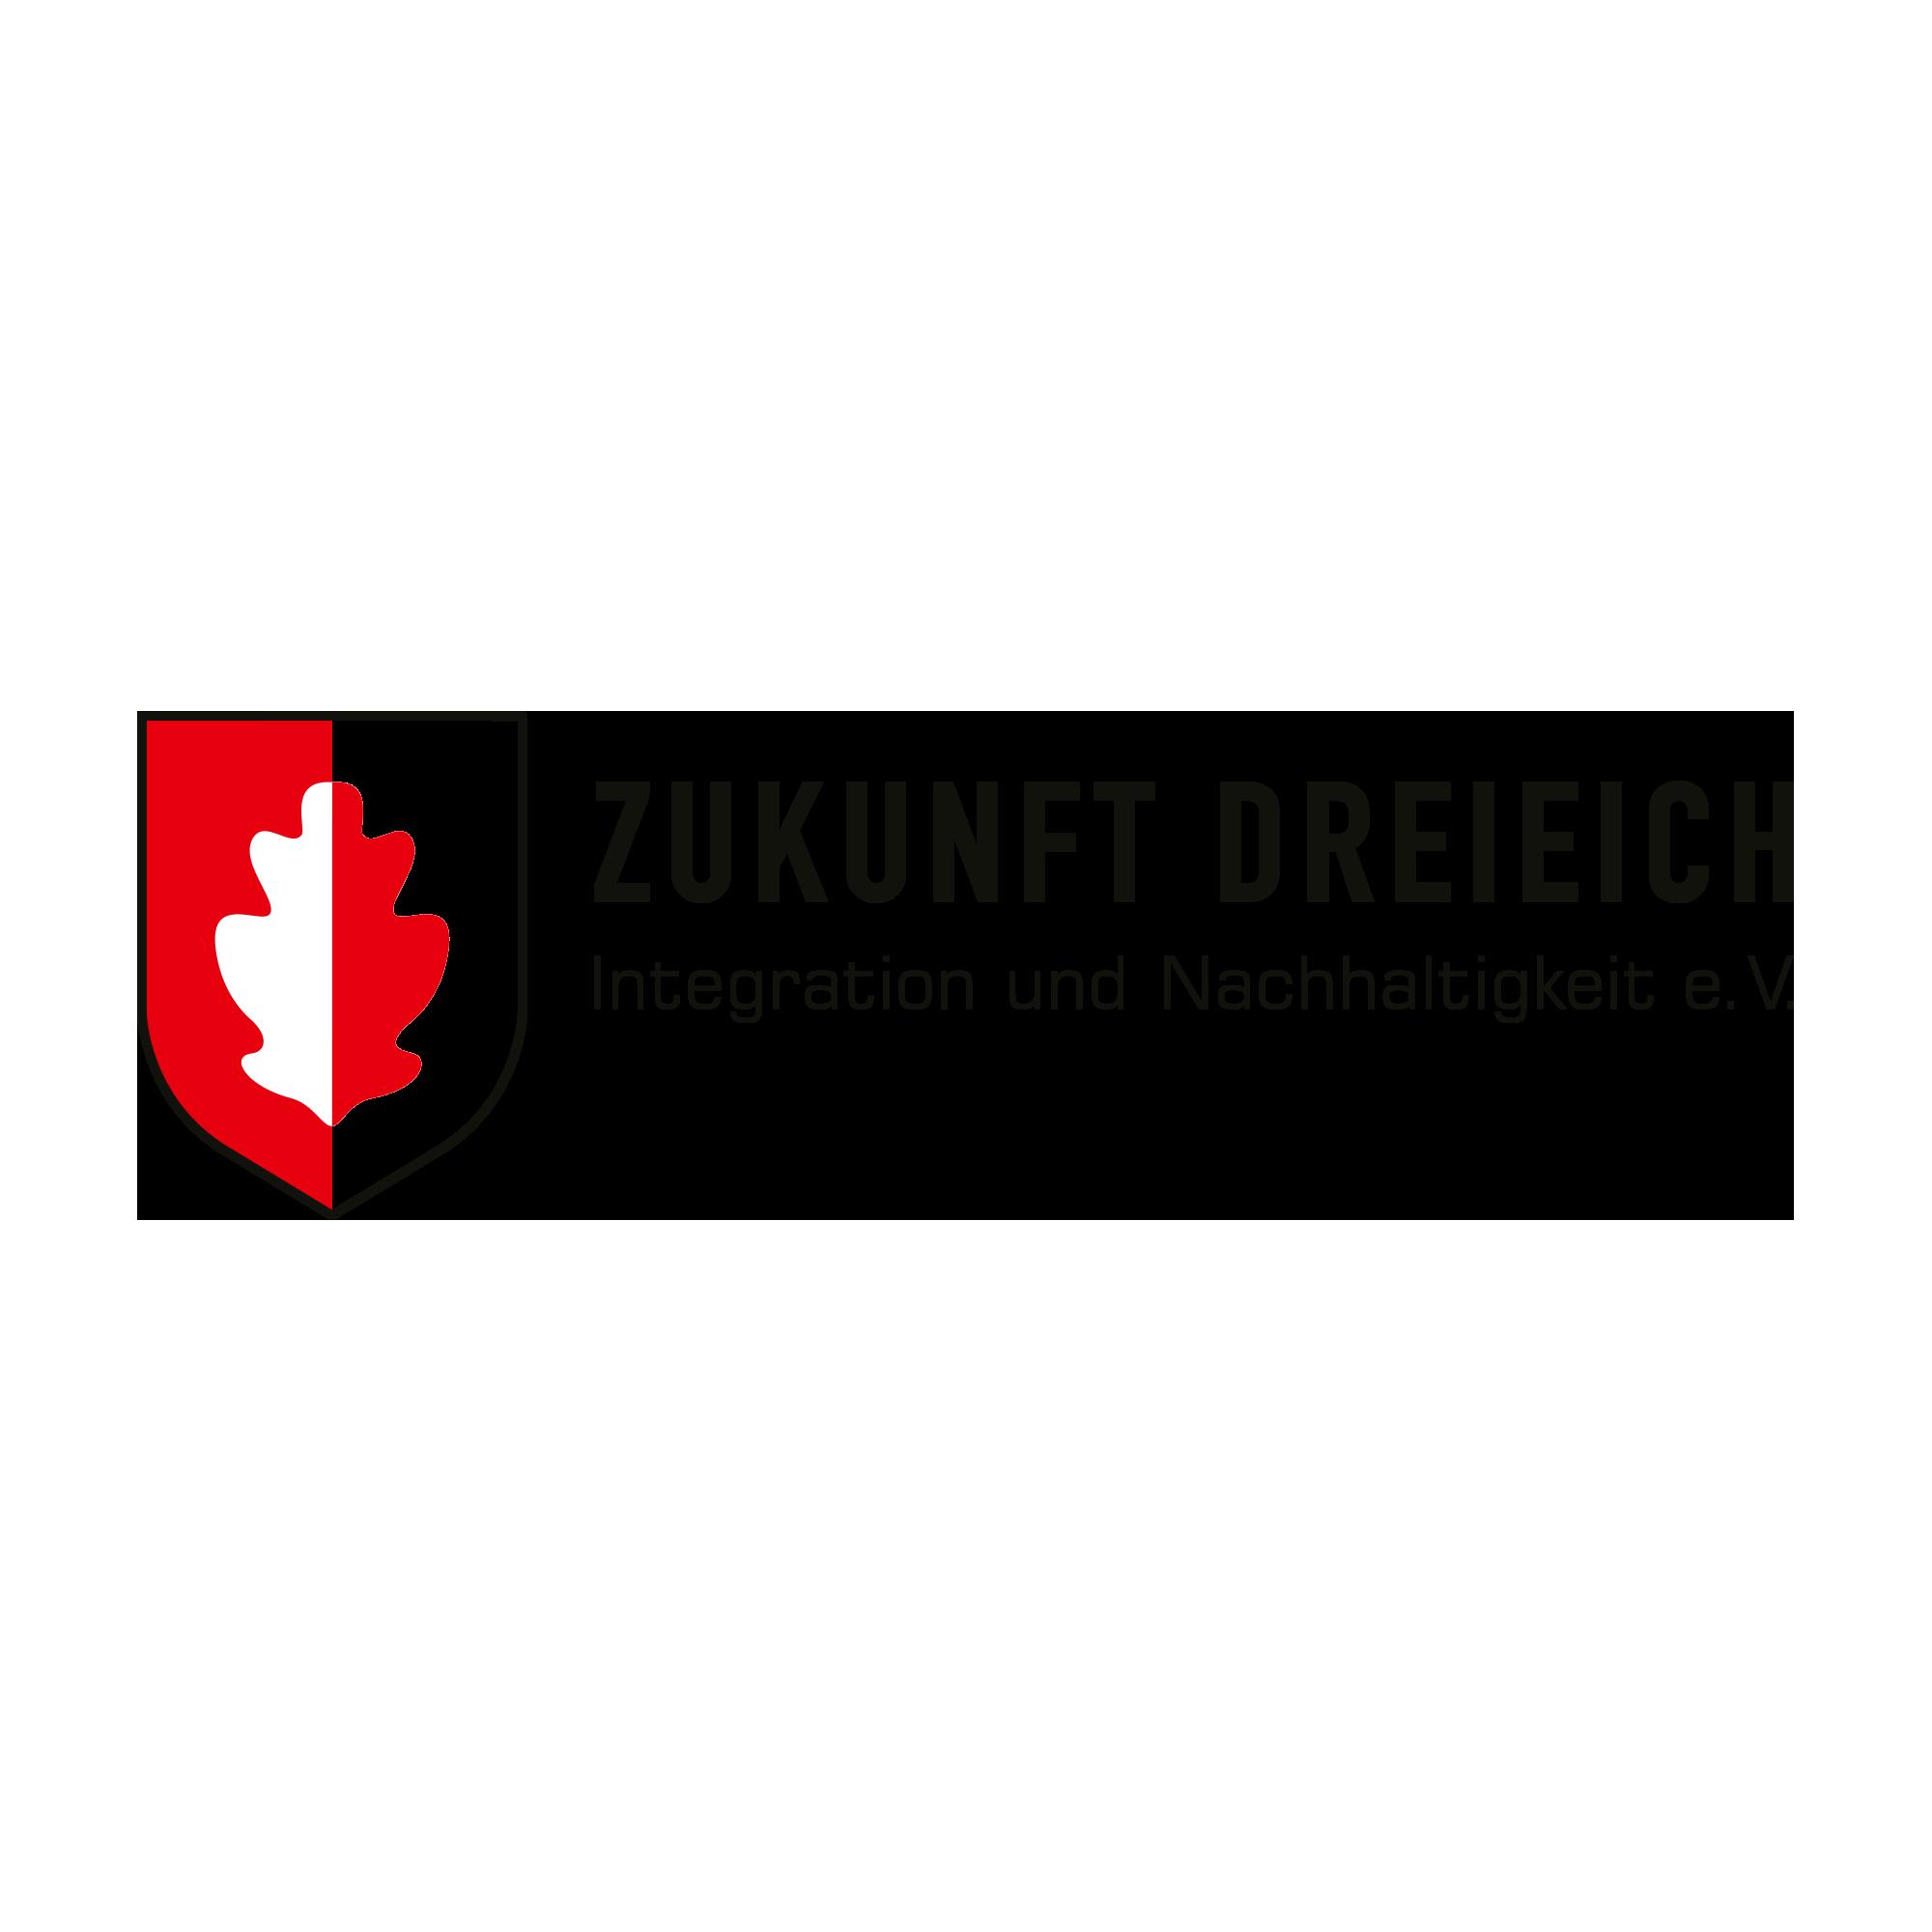 Zukunft Dreieich - Integration und Nachhaltigkeit e.V.